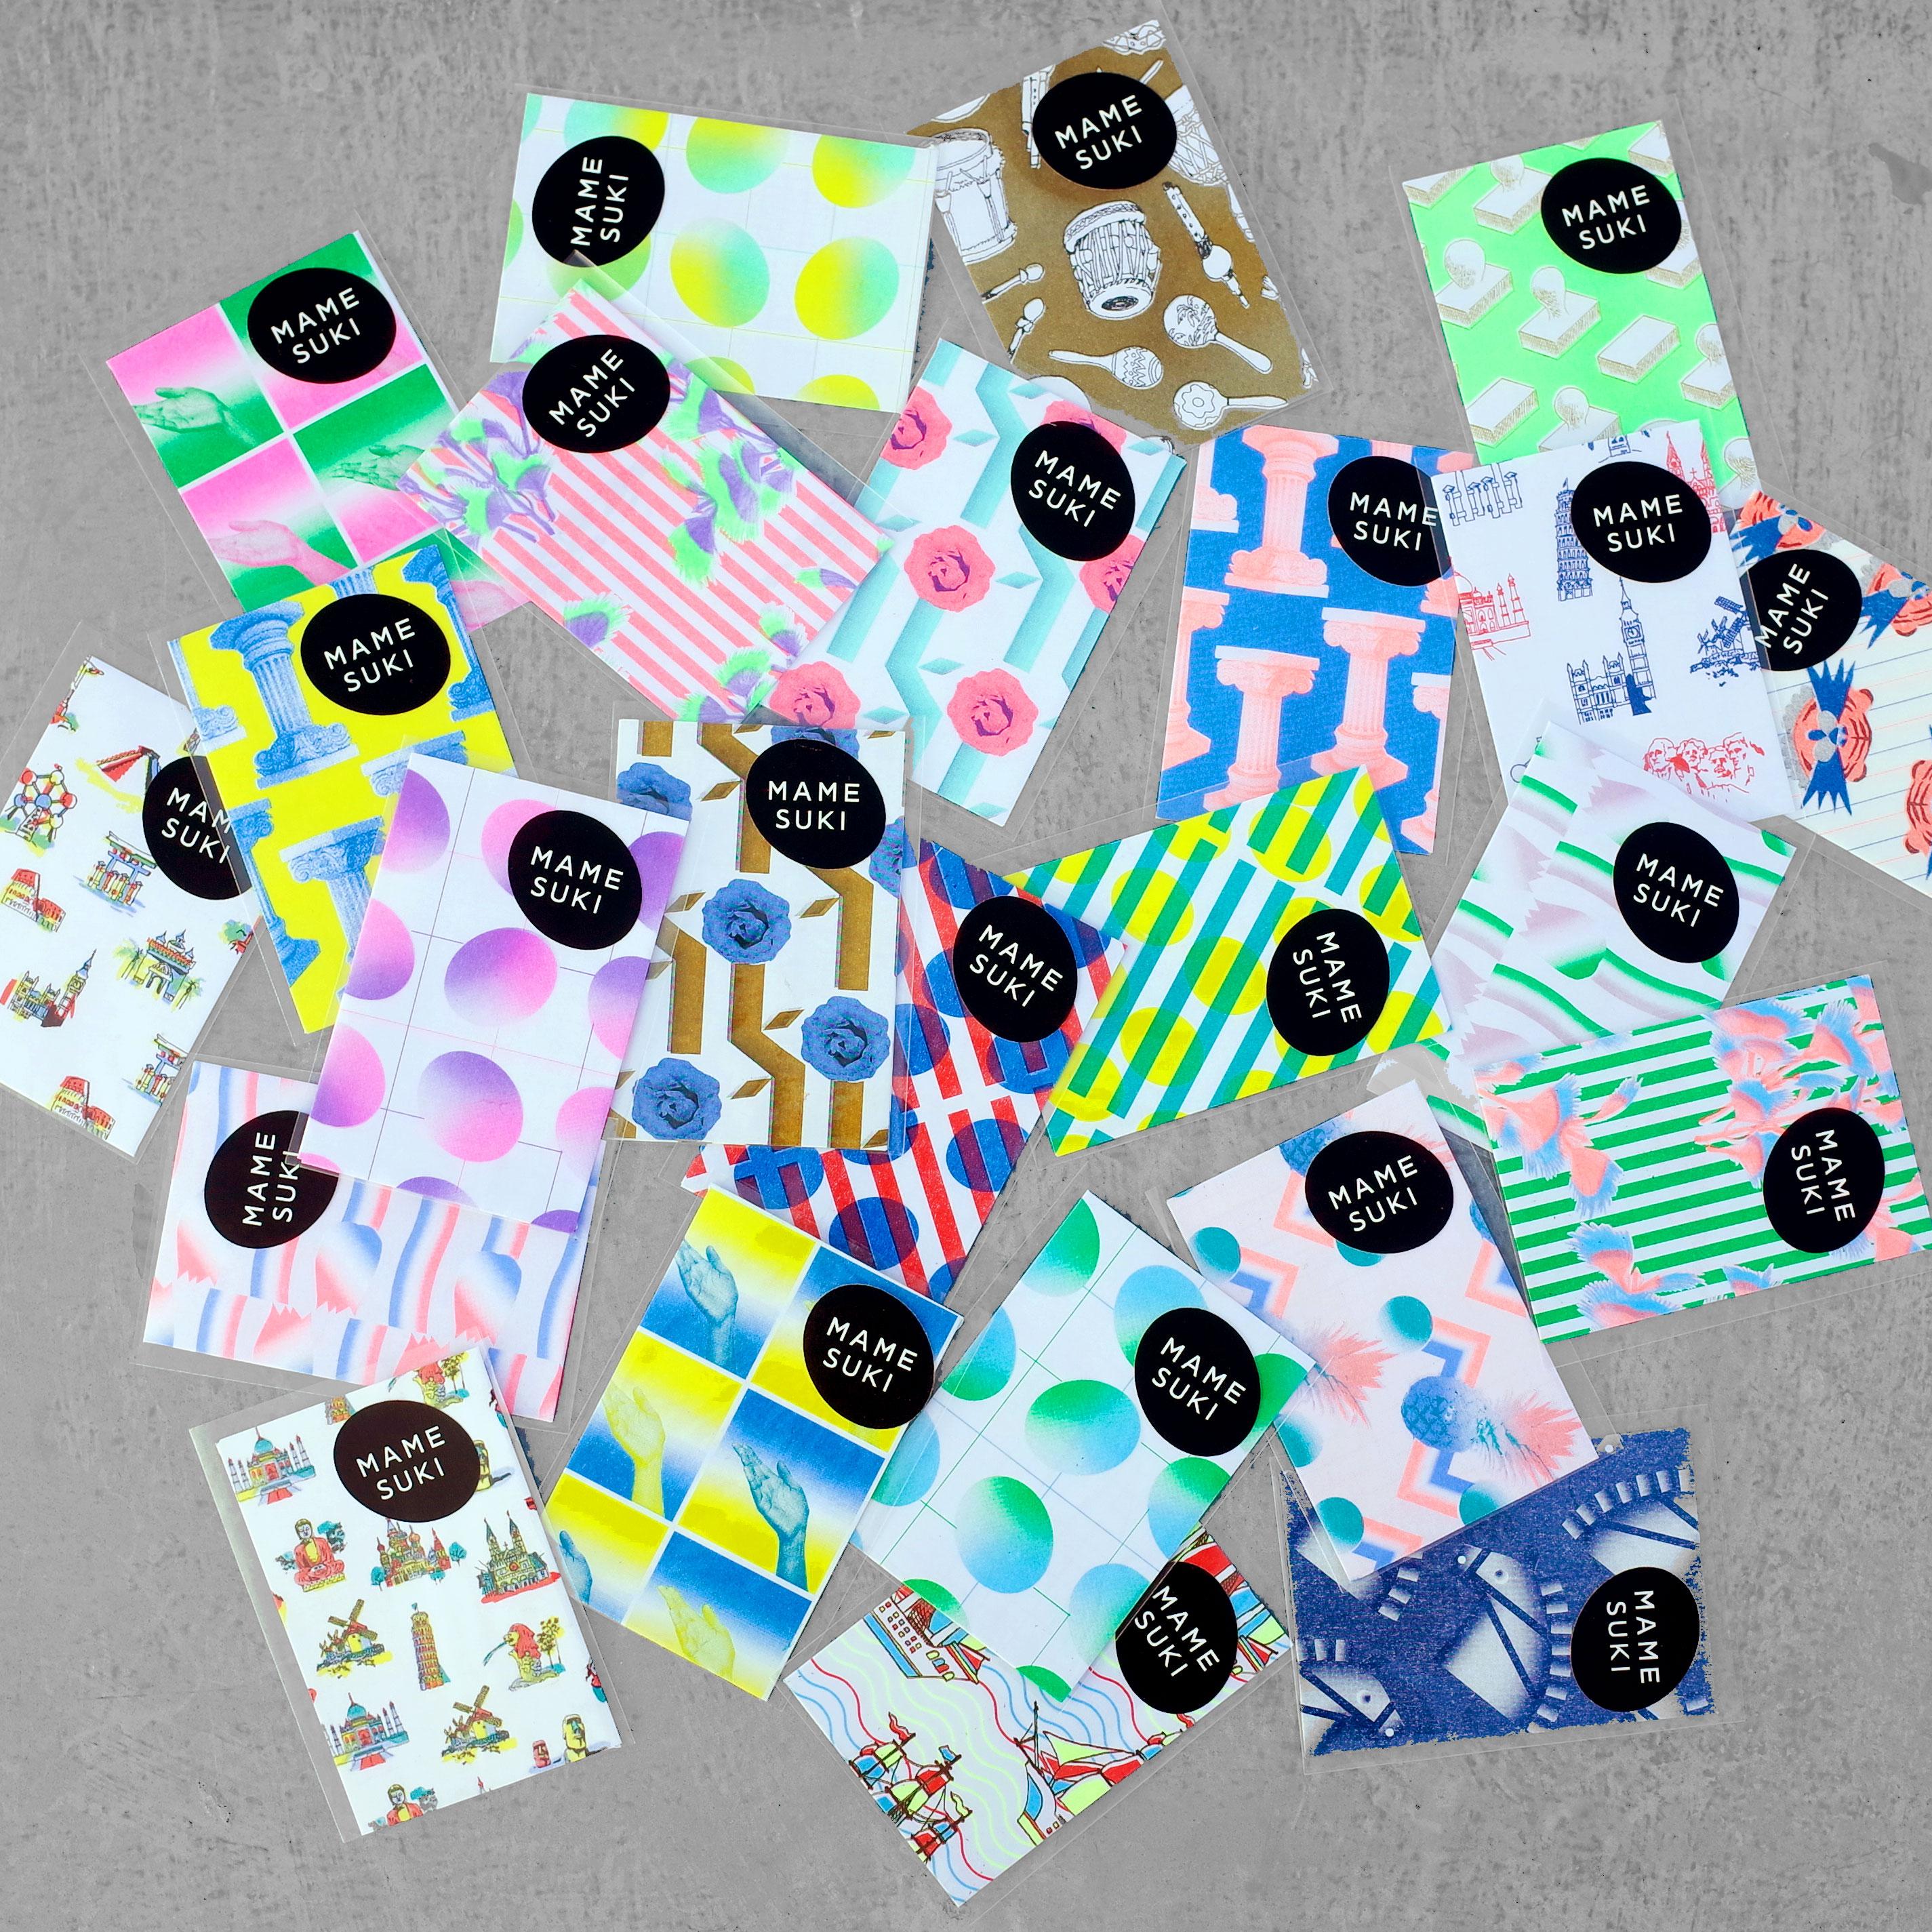 選ぶのが楽しい!30種類以上のデザインの【MAMESUKI】ポチ袋コレクション